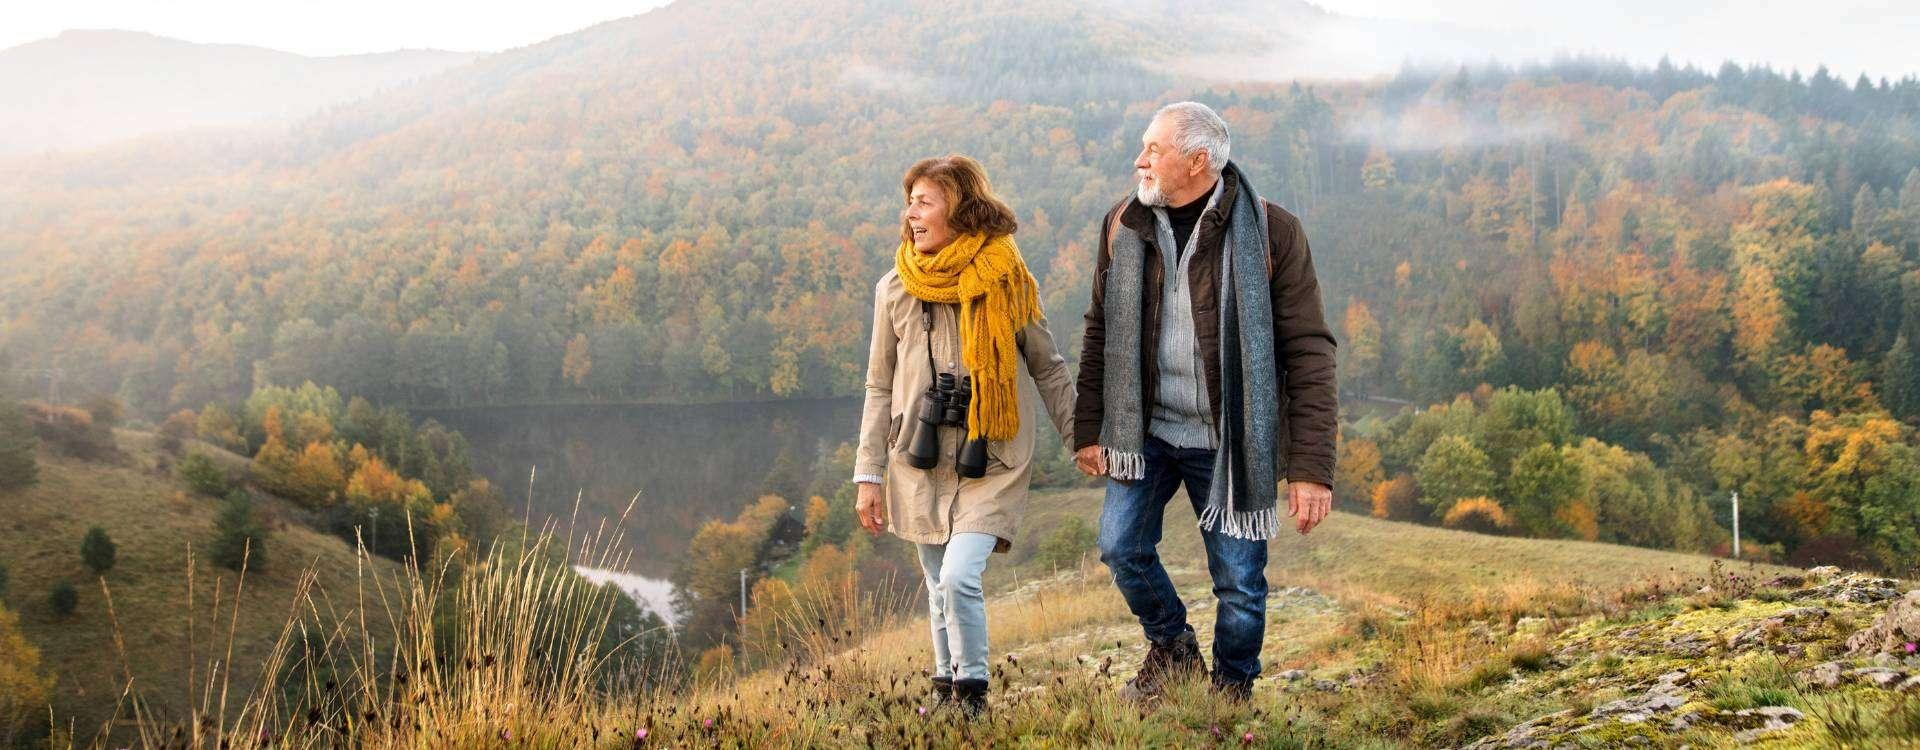 Témoignage d'une belle histoire : un couple formé en speed dating